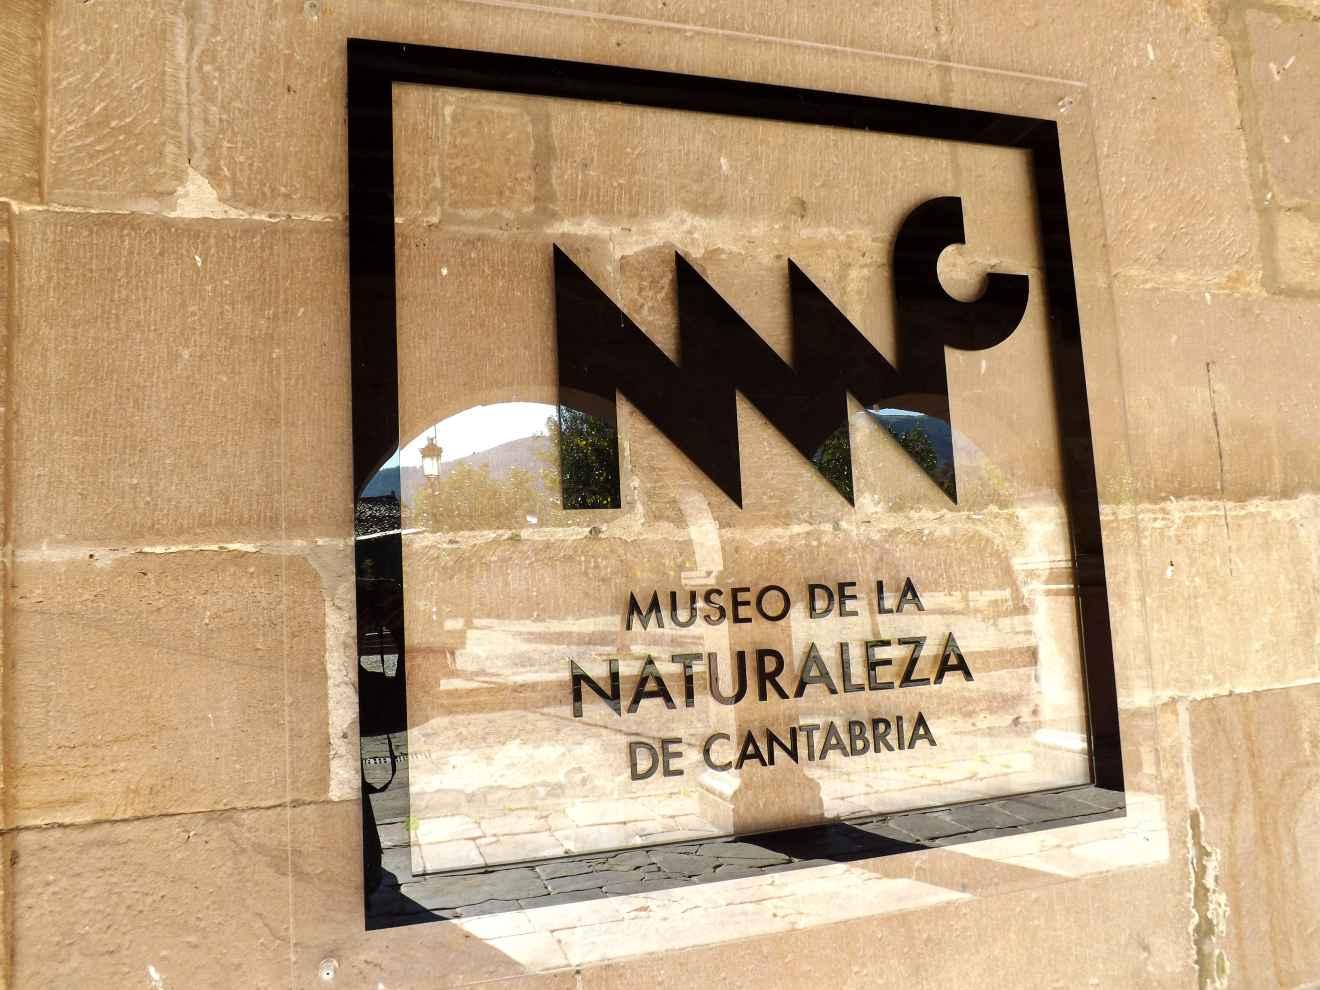 Cartel del Museo de la Naturaleza